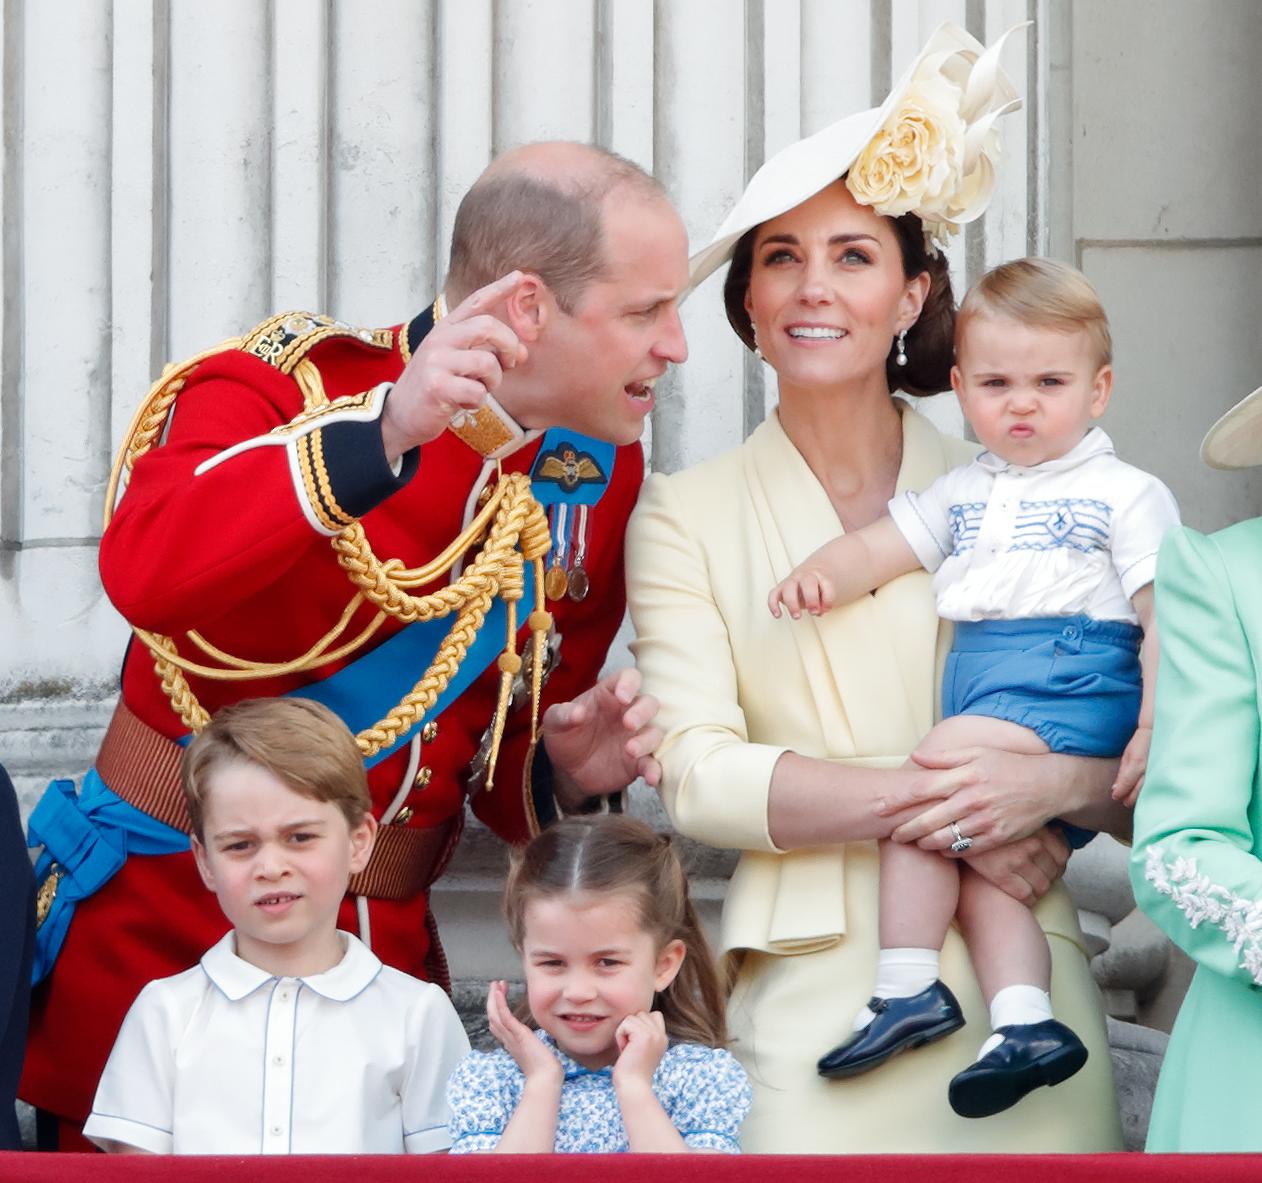 Le prince George avec la princesse Charlotte, le prince Louis et leurs parents, le duc et la duchesse de Cambridge.